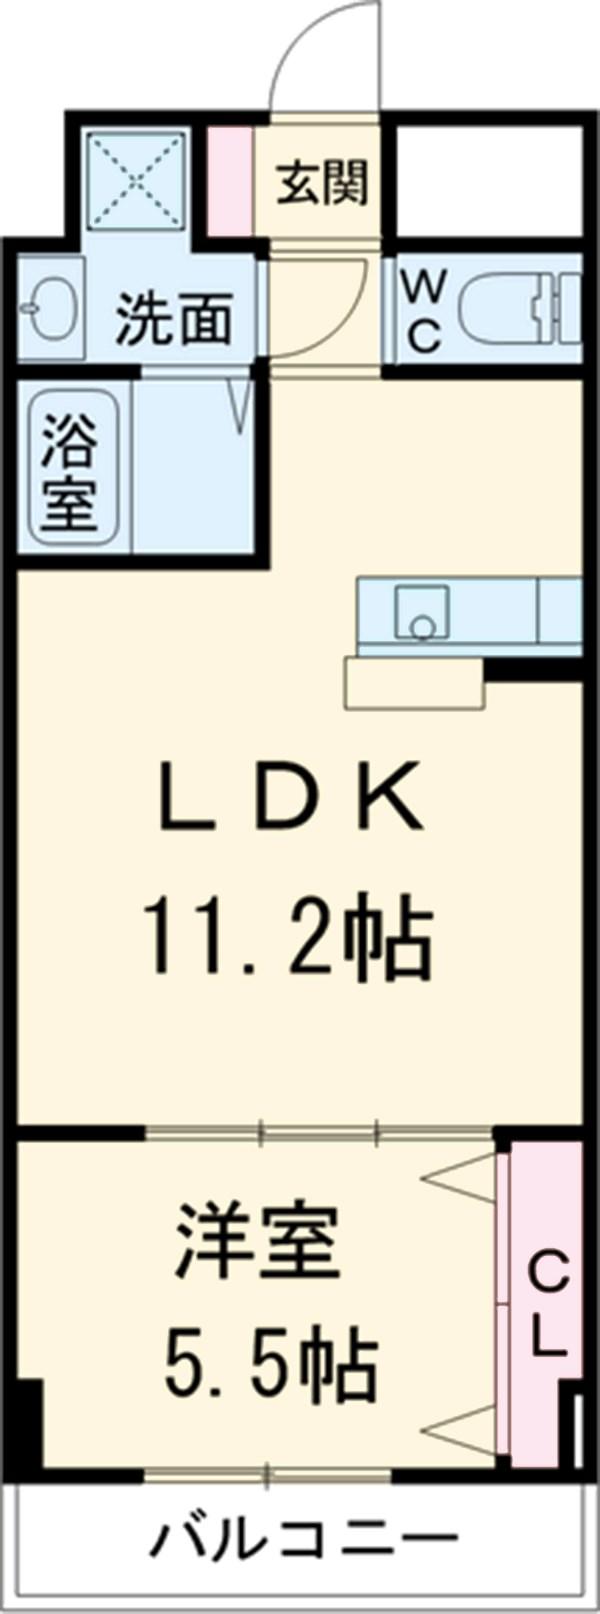 グランディール横浜・103号室の間取り